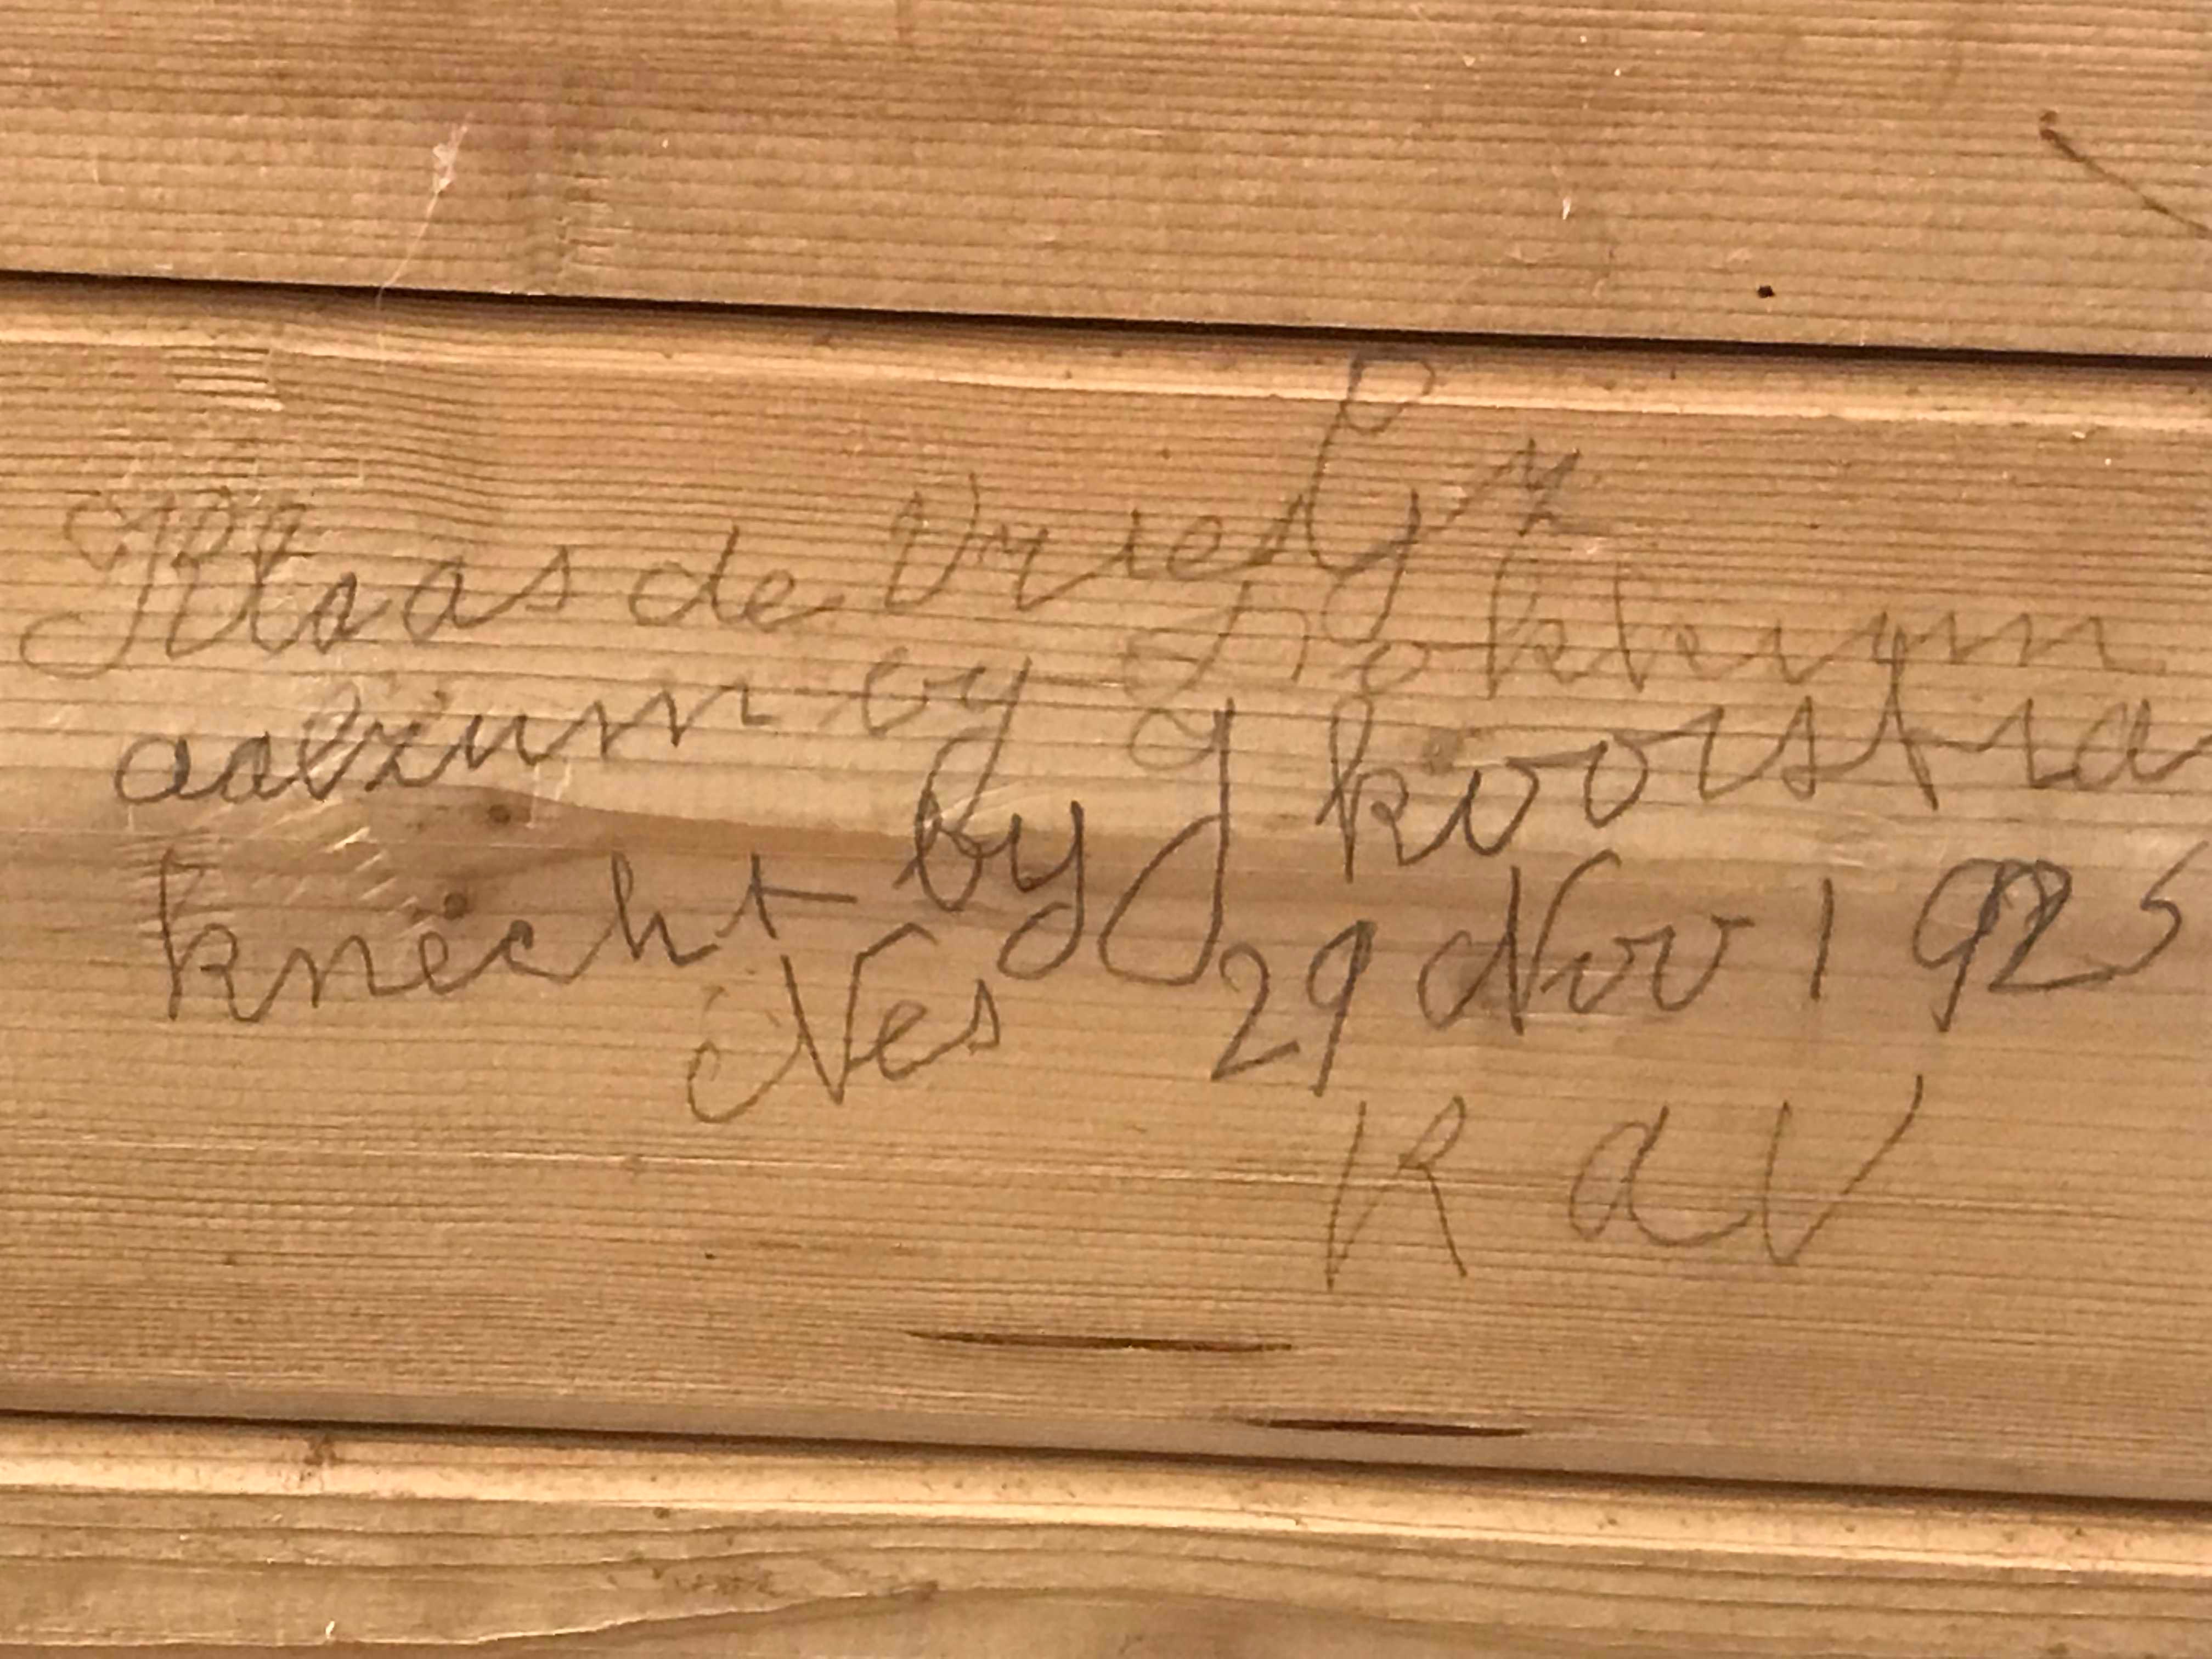 Tijdens verbouwing Theaterkerk Nes komt handtekening uit 1925 tevoorschijn